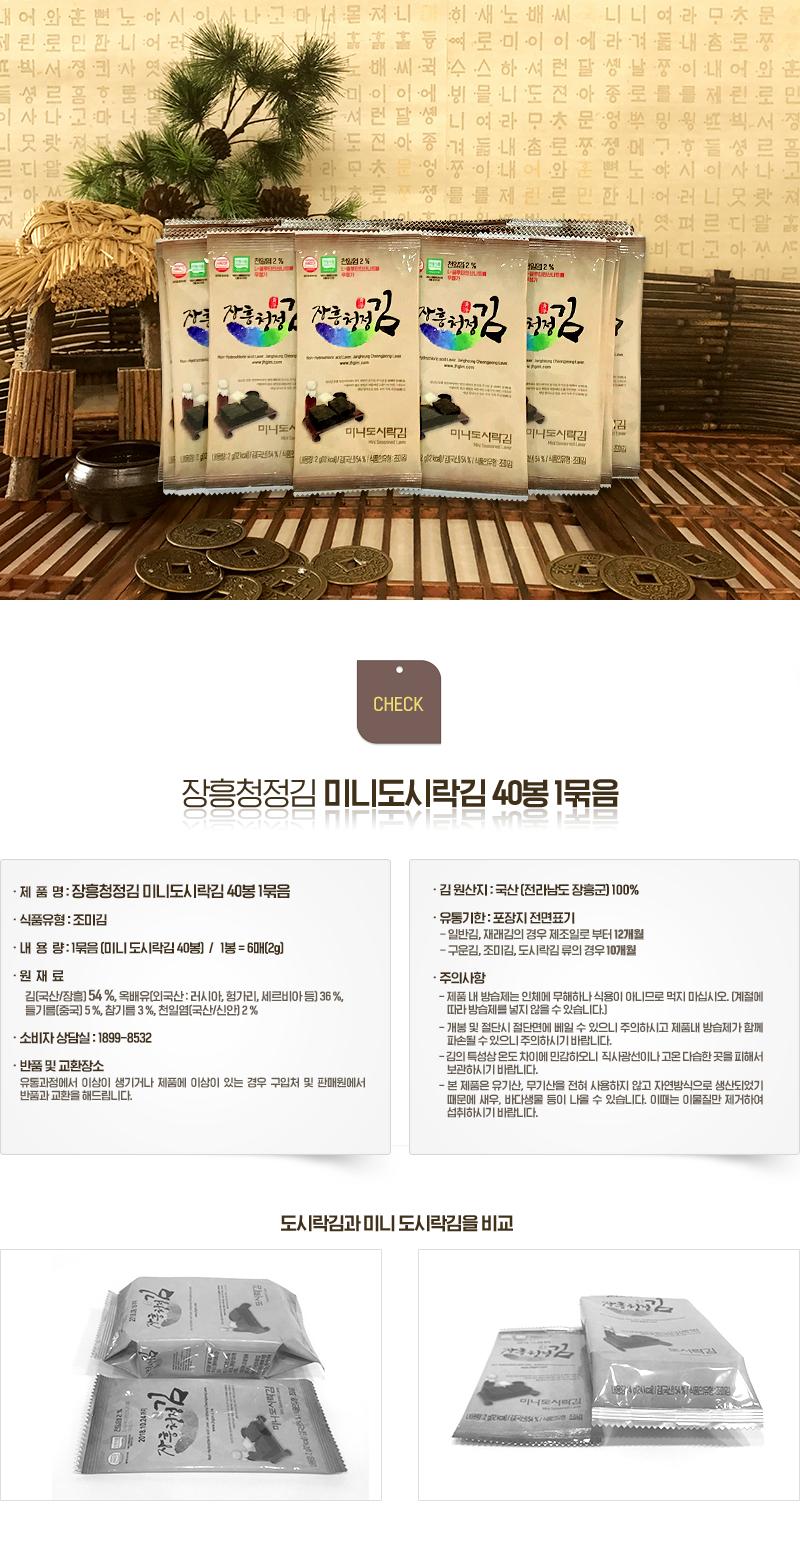 무산김 장흥청정김 미니도시락김 40봉 1묶음